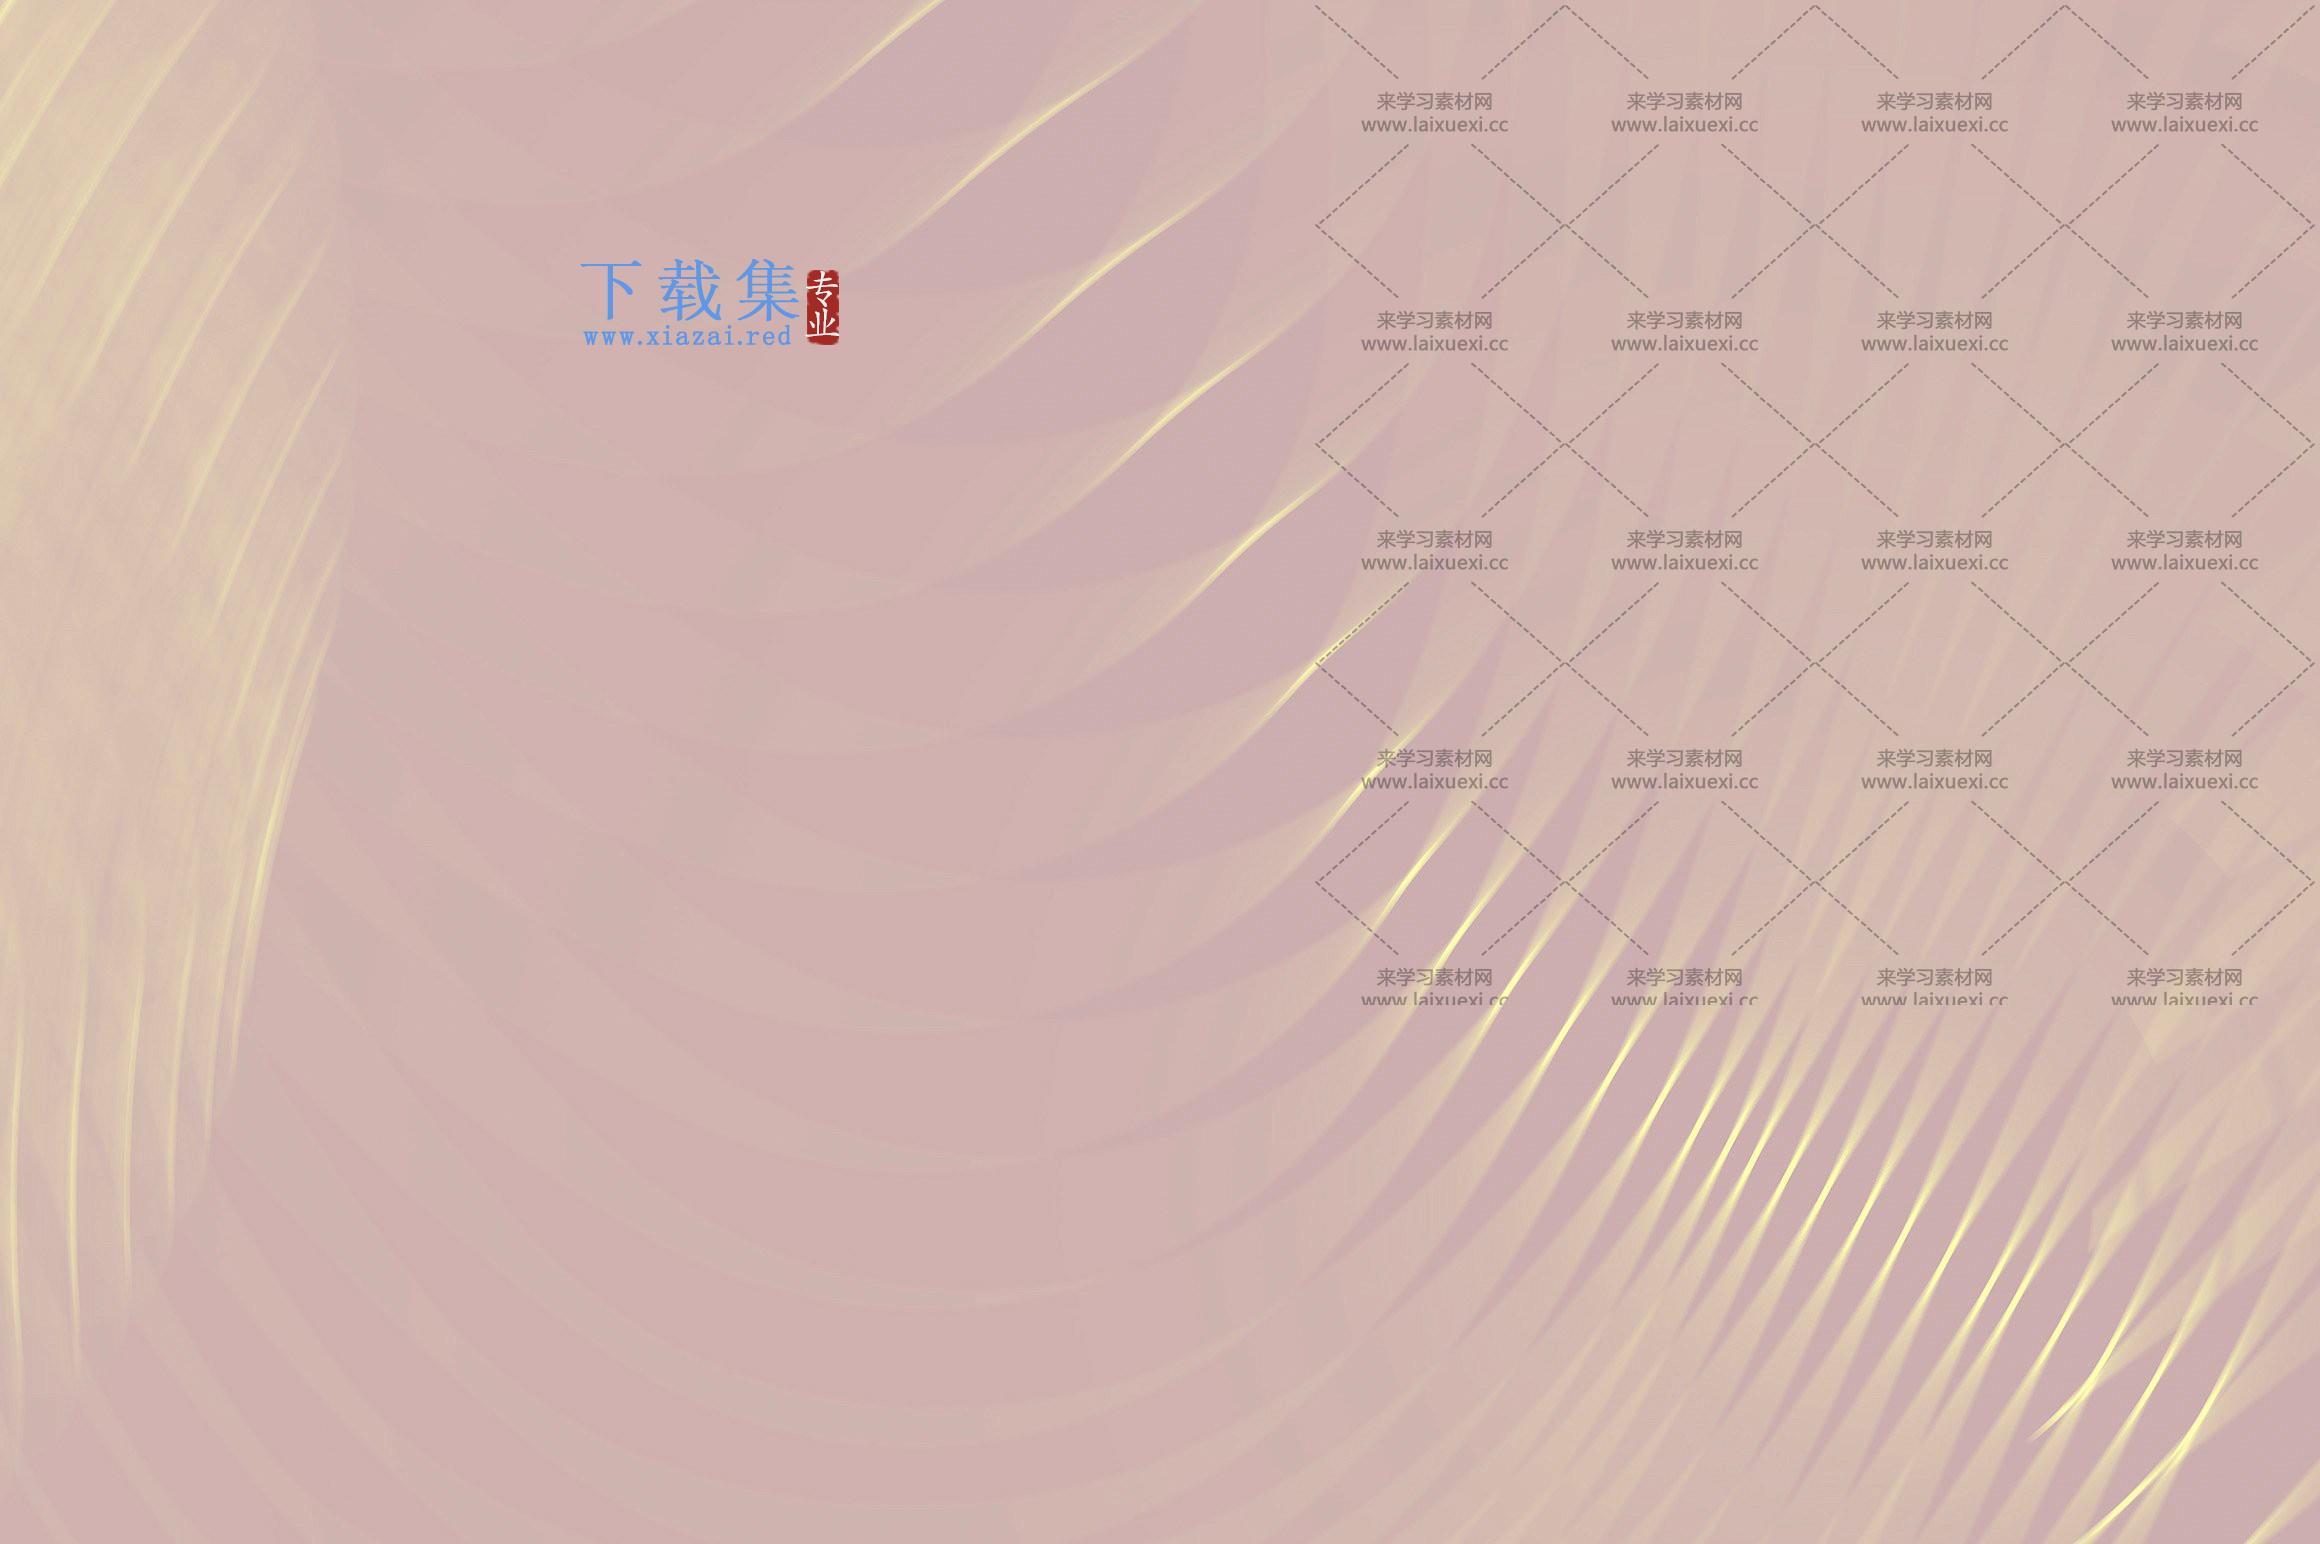 30款5K高清光谱图片素材包(含PSD调色源文件)